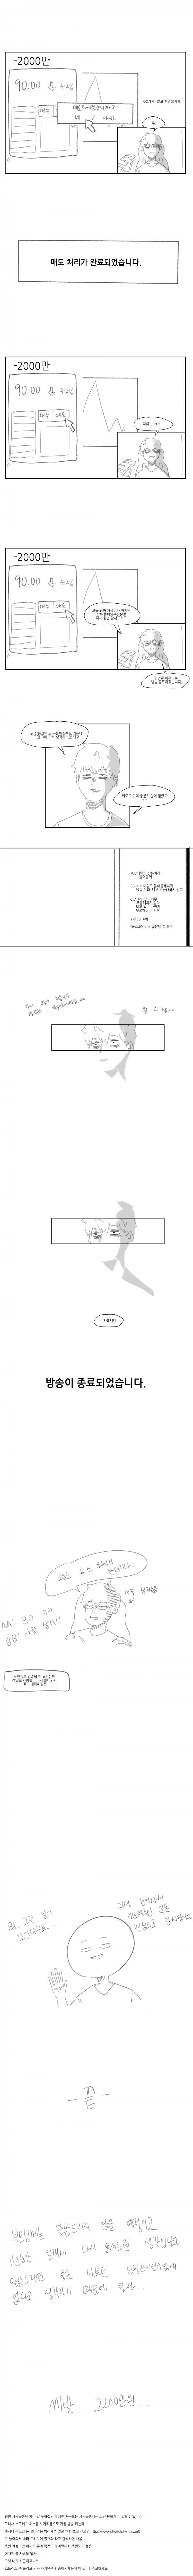 viewimage.php?id=39b8de24e4d53fa37c&no=24b0d769e1d32ca73dec83fa11d028313e457d3f472465ed713dd3021e922a42f24c5451cdd054fac0bdb609b439067bfc4d62c35526f44f093fe0e0500714ad53aa734f